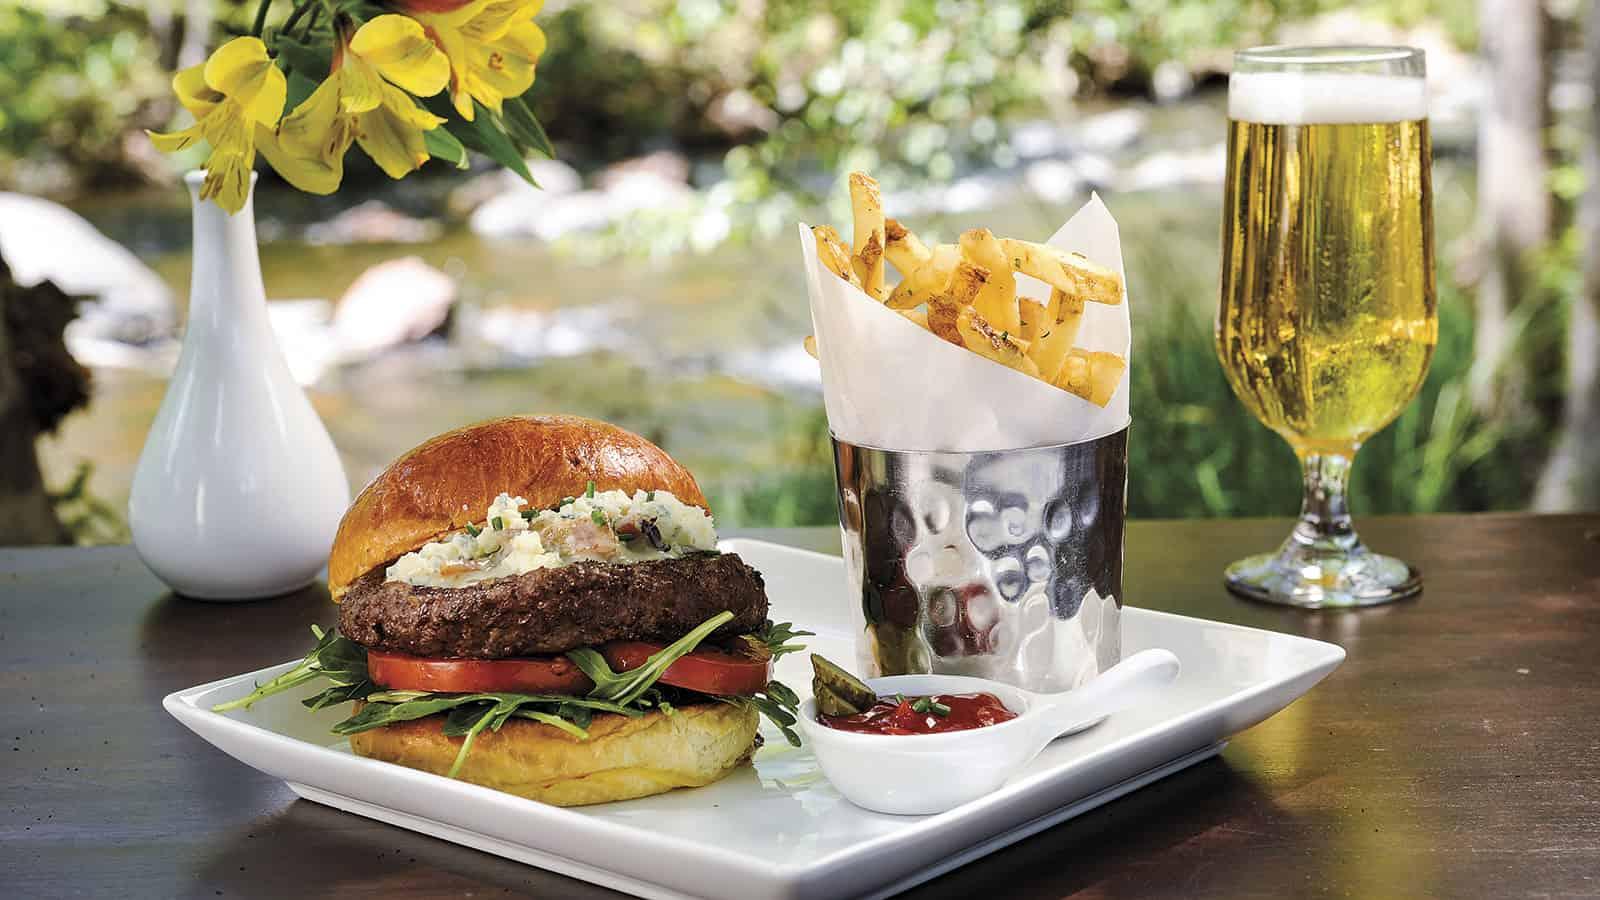 Food-L'Auberge-Burger-4-2